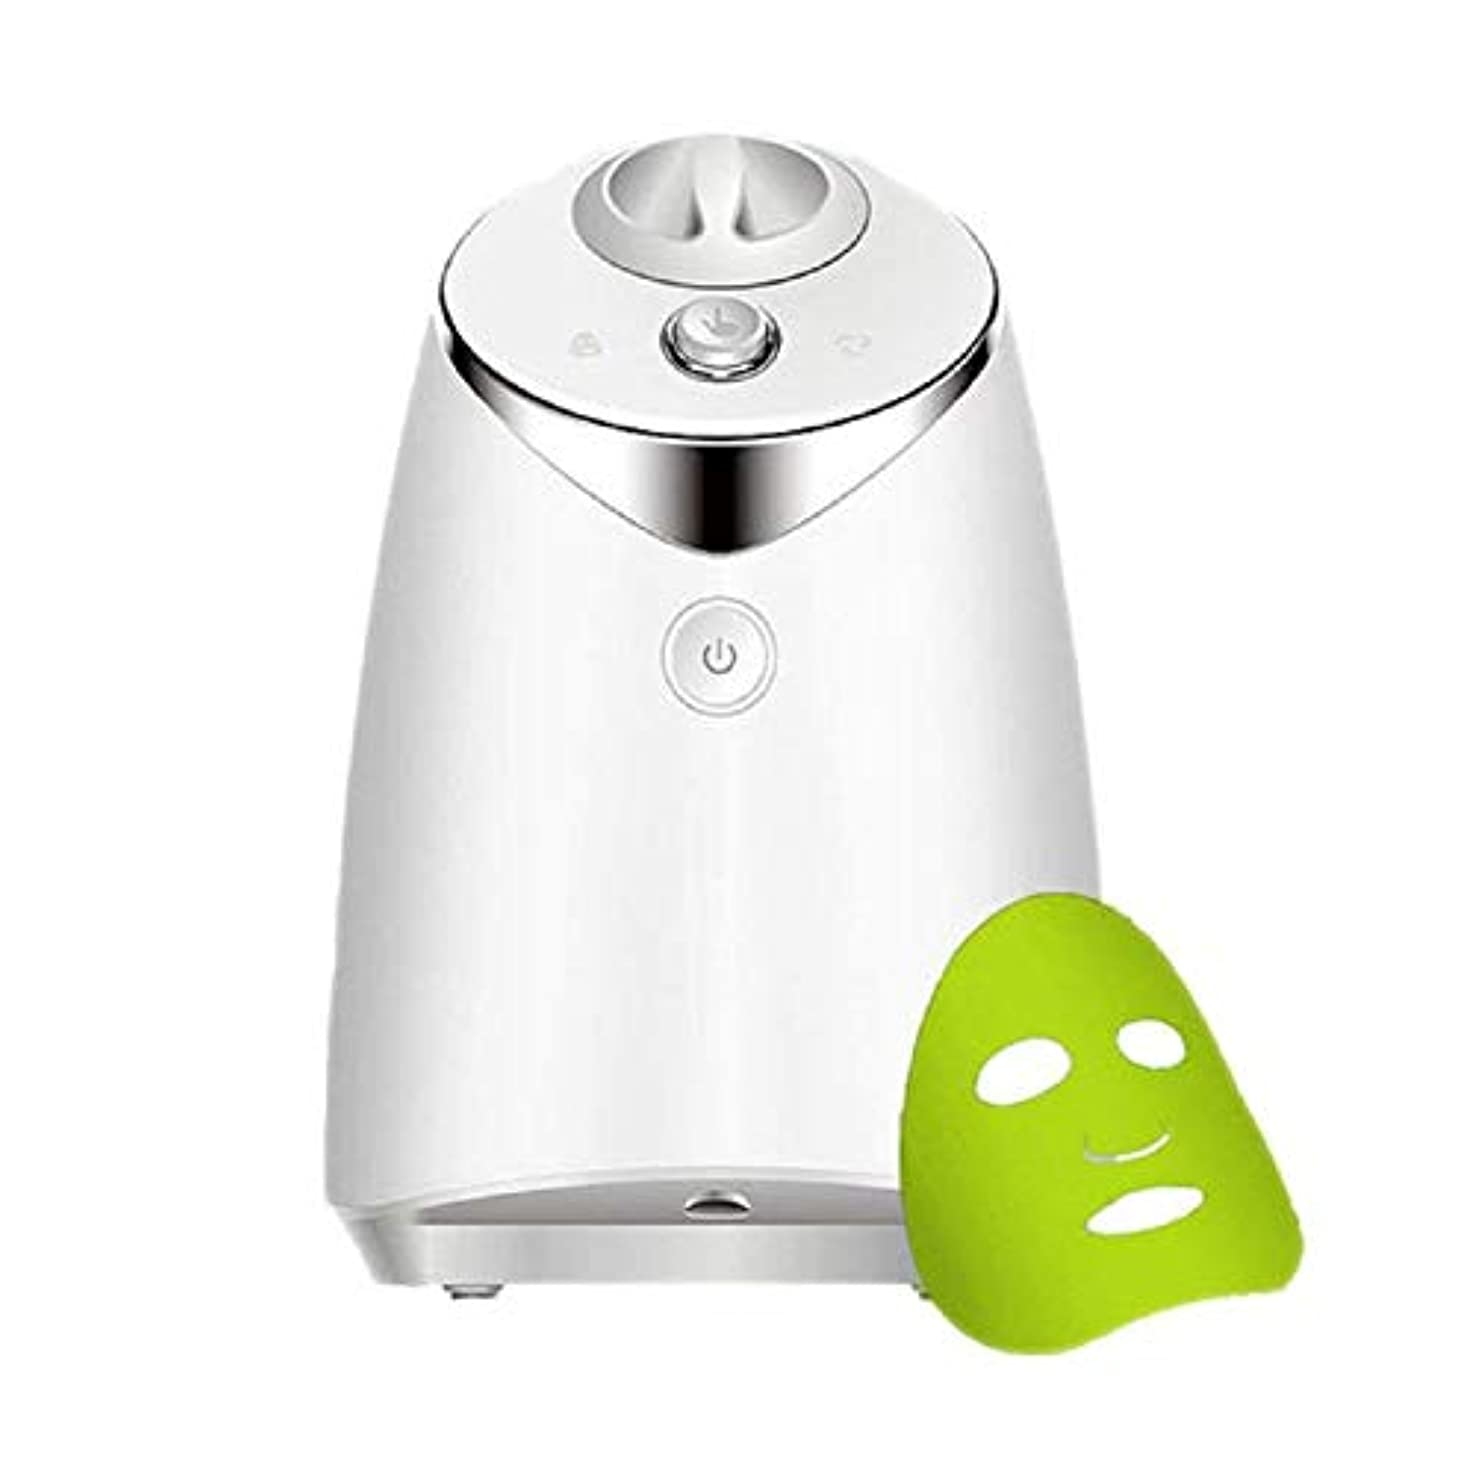 悪い拘束まとめるフルーツと野菜マスク製造機、フェイススチーマー100%ナチュラル自家製自動美容器/インテリジェントな音声プロンプトワンボタンクリーニング